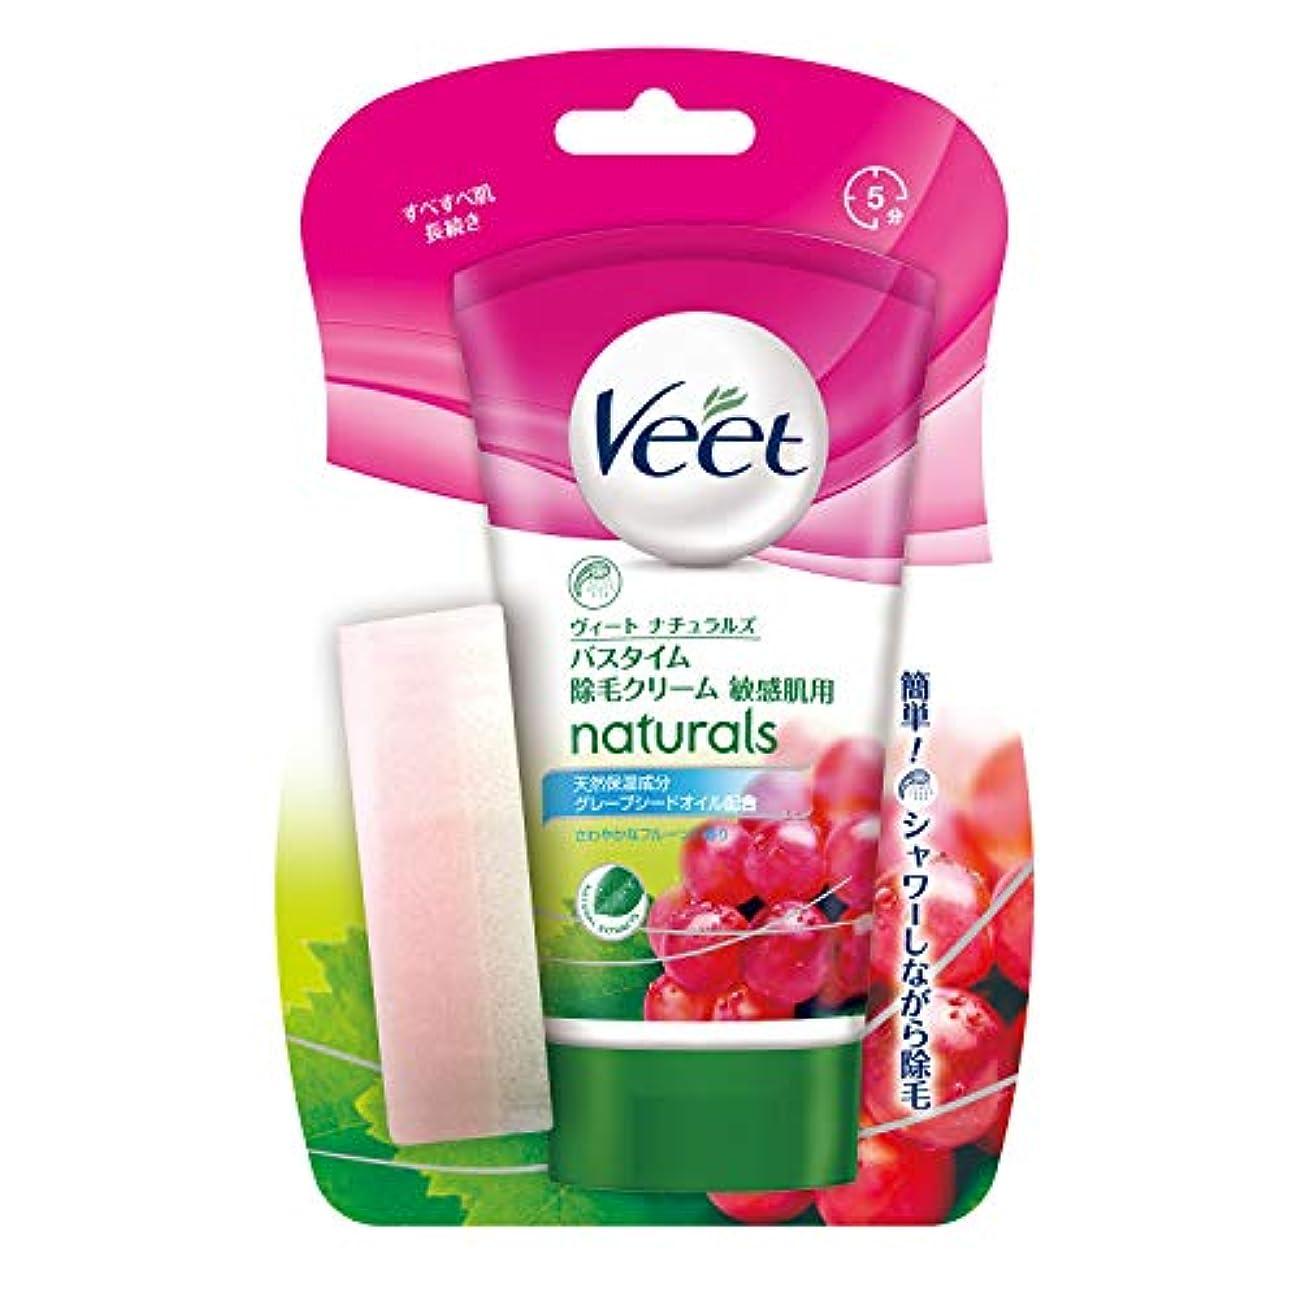 マイクロフォンクーポン遊びますヴィート バスタイムセン用 除毛クリーム 敏感肌用 150g (Veet Naturals In Shower Hair Removal Cream  Sensitive 150g)